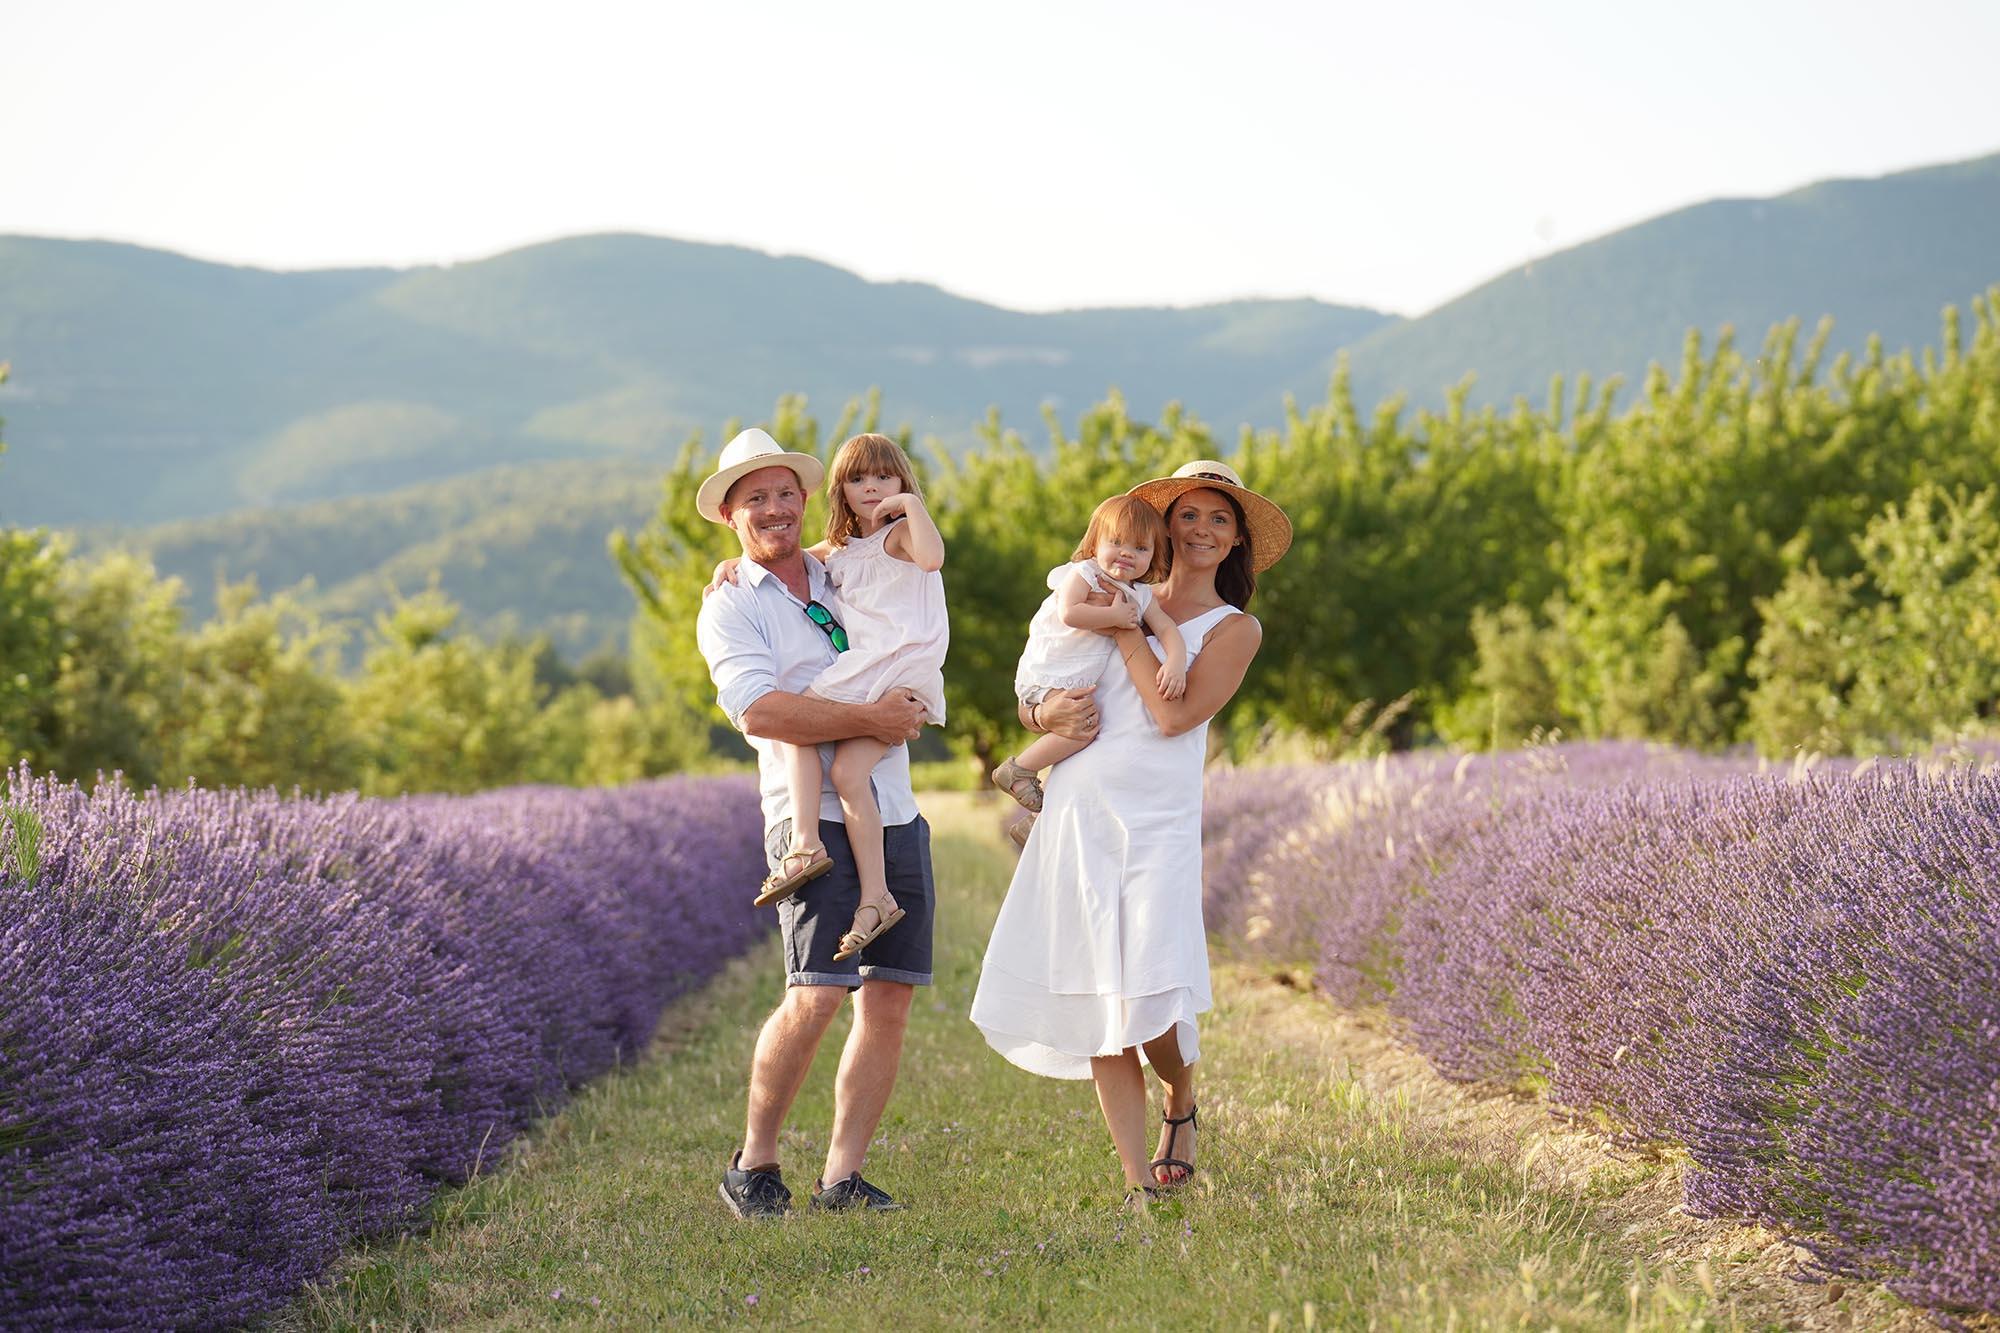 photographe de famille avec shooting en famille pres de manosque 04 dans les lavandes